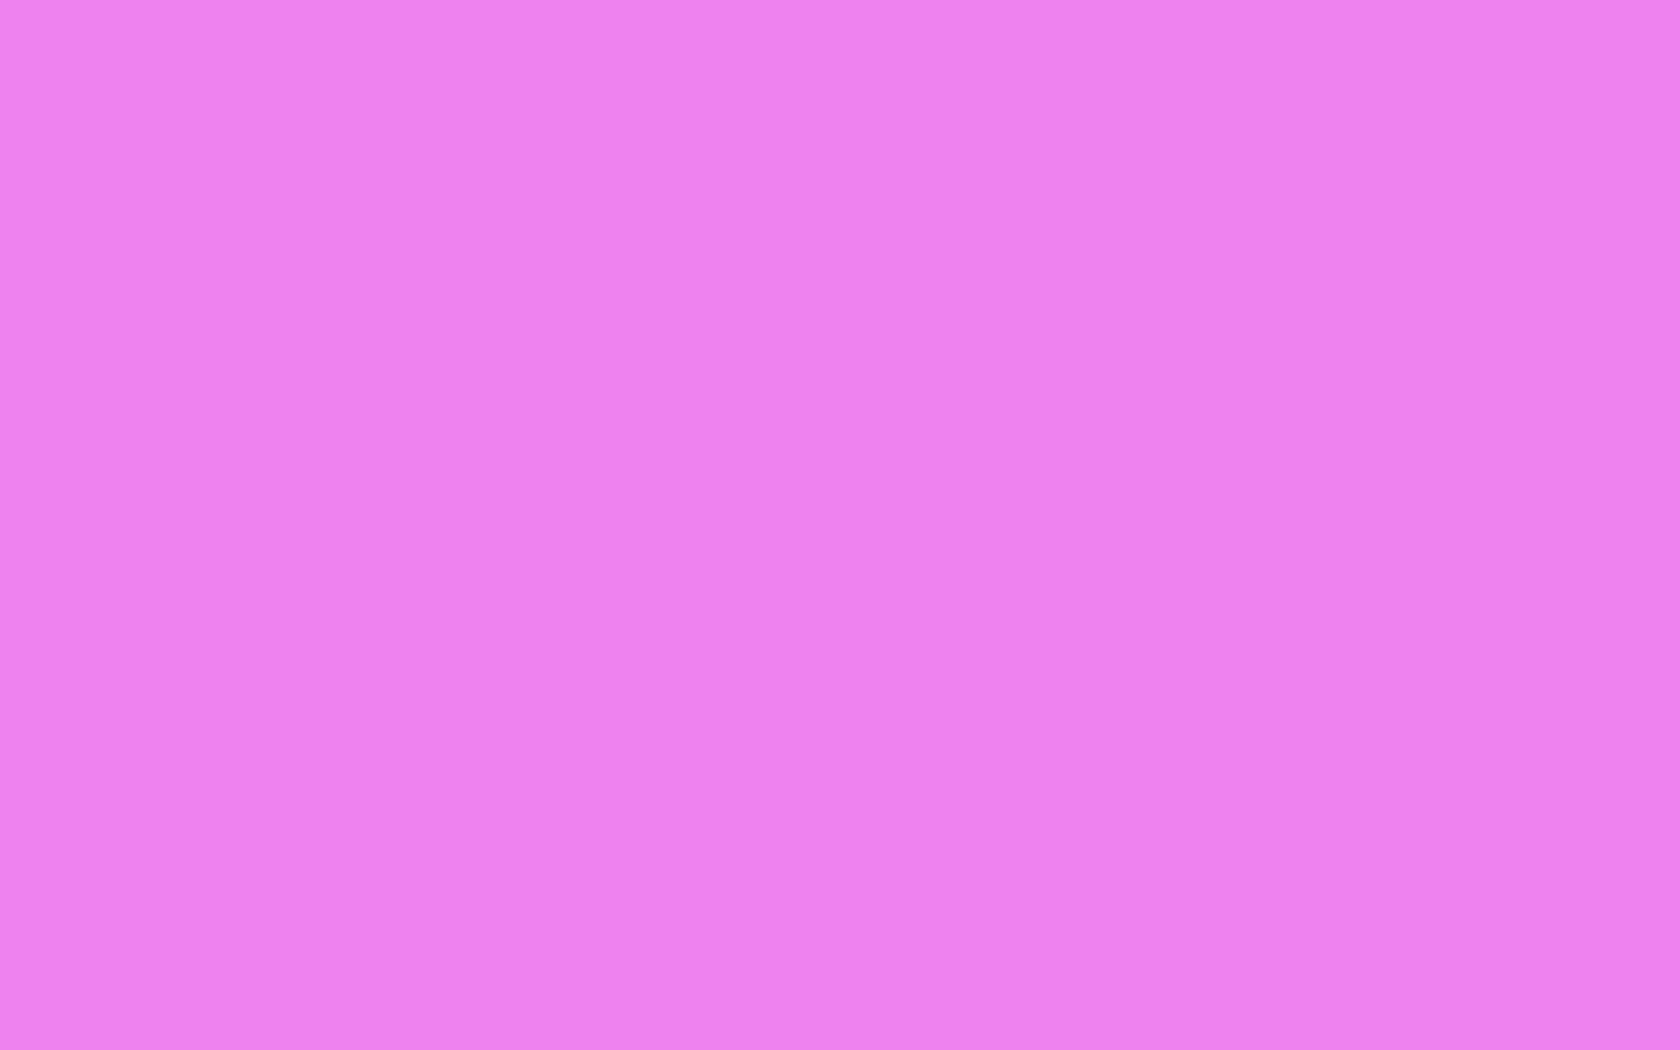 1680x1050 Violet Web Solid Color Background